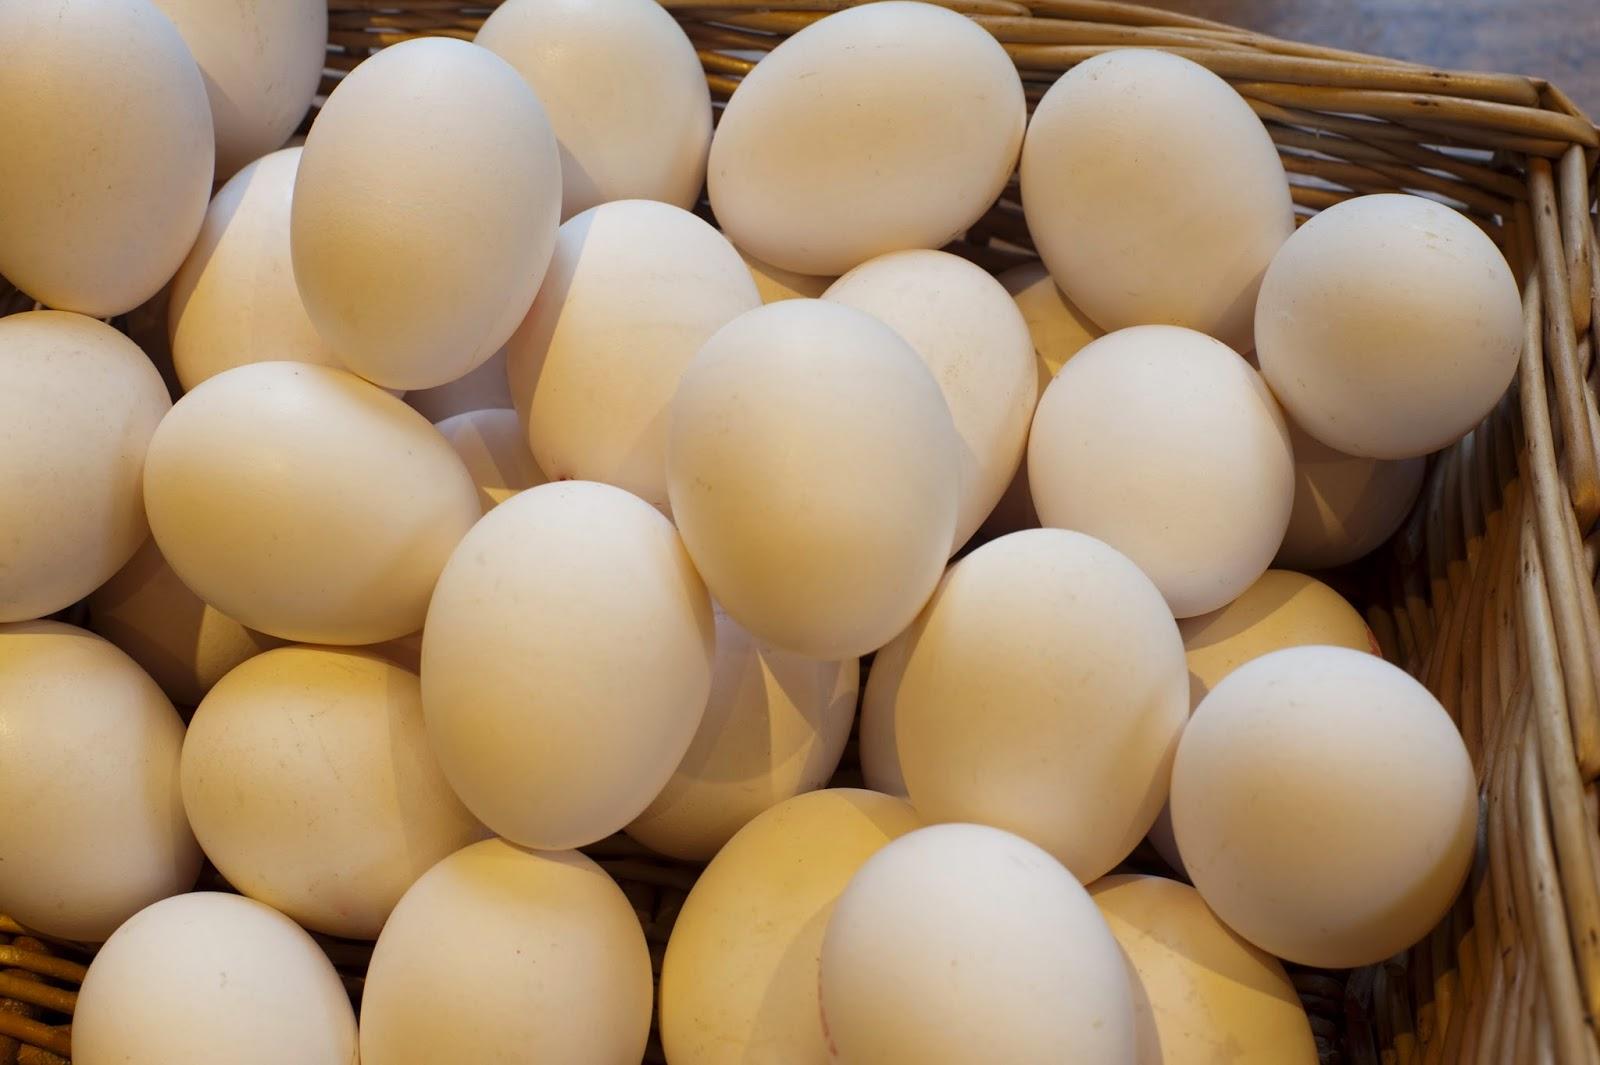 Hướng dẫn cách chọn trứng gà ta mới, tươi